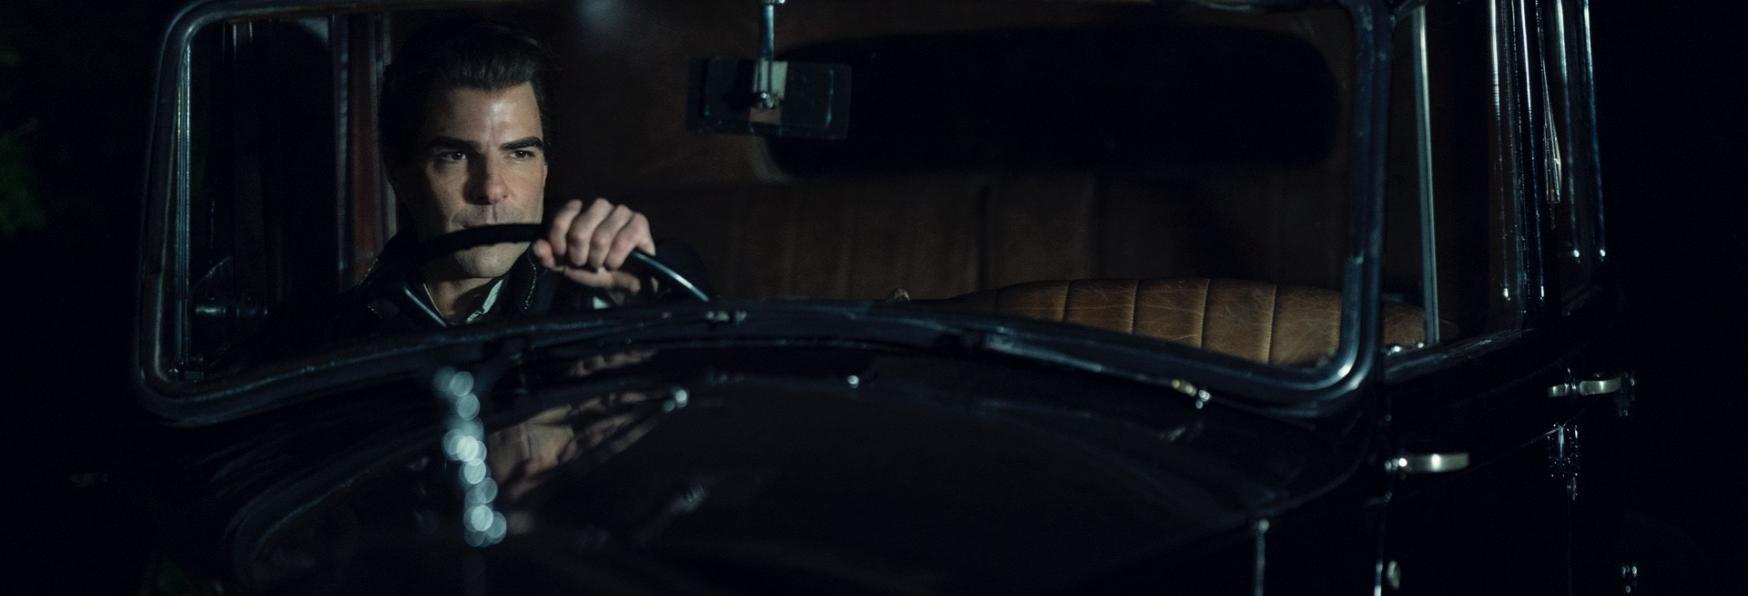 NOS4A2 2: il Teaser Trailer della nuova Stagione della Serie TV